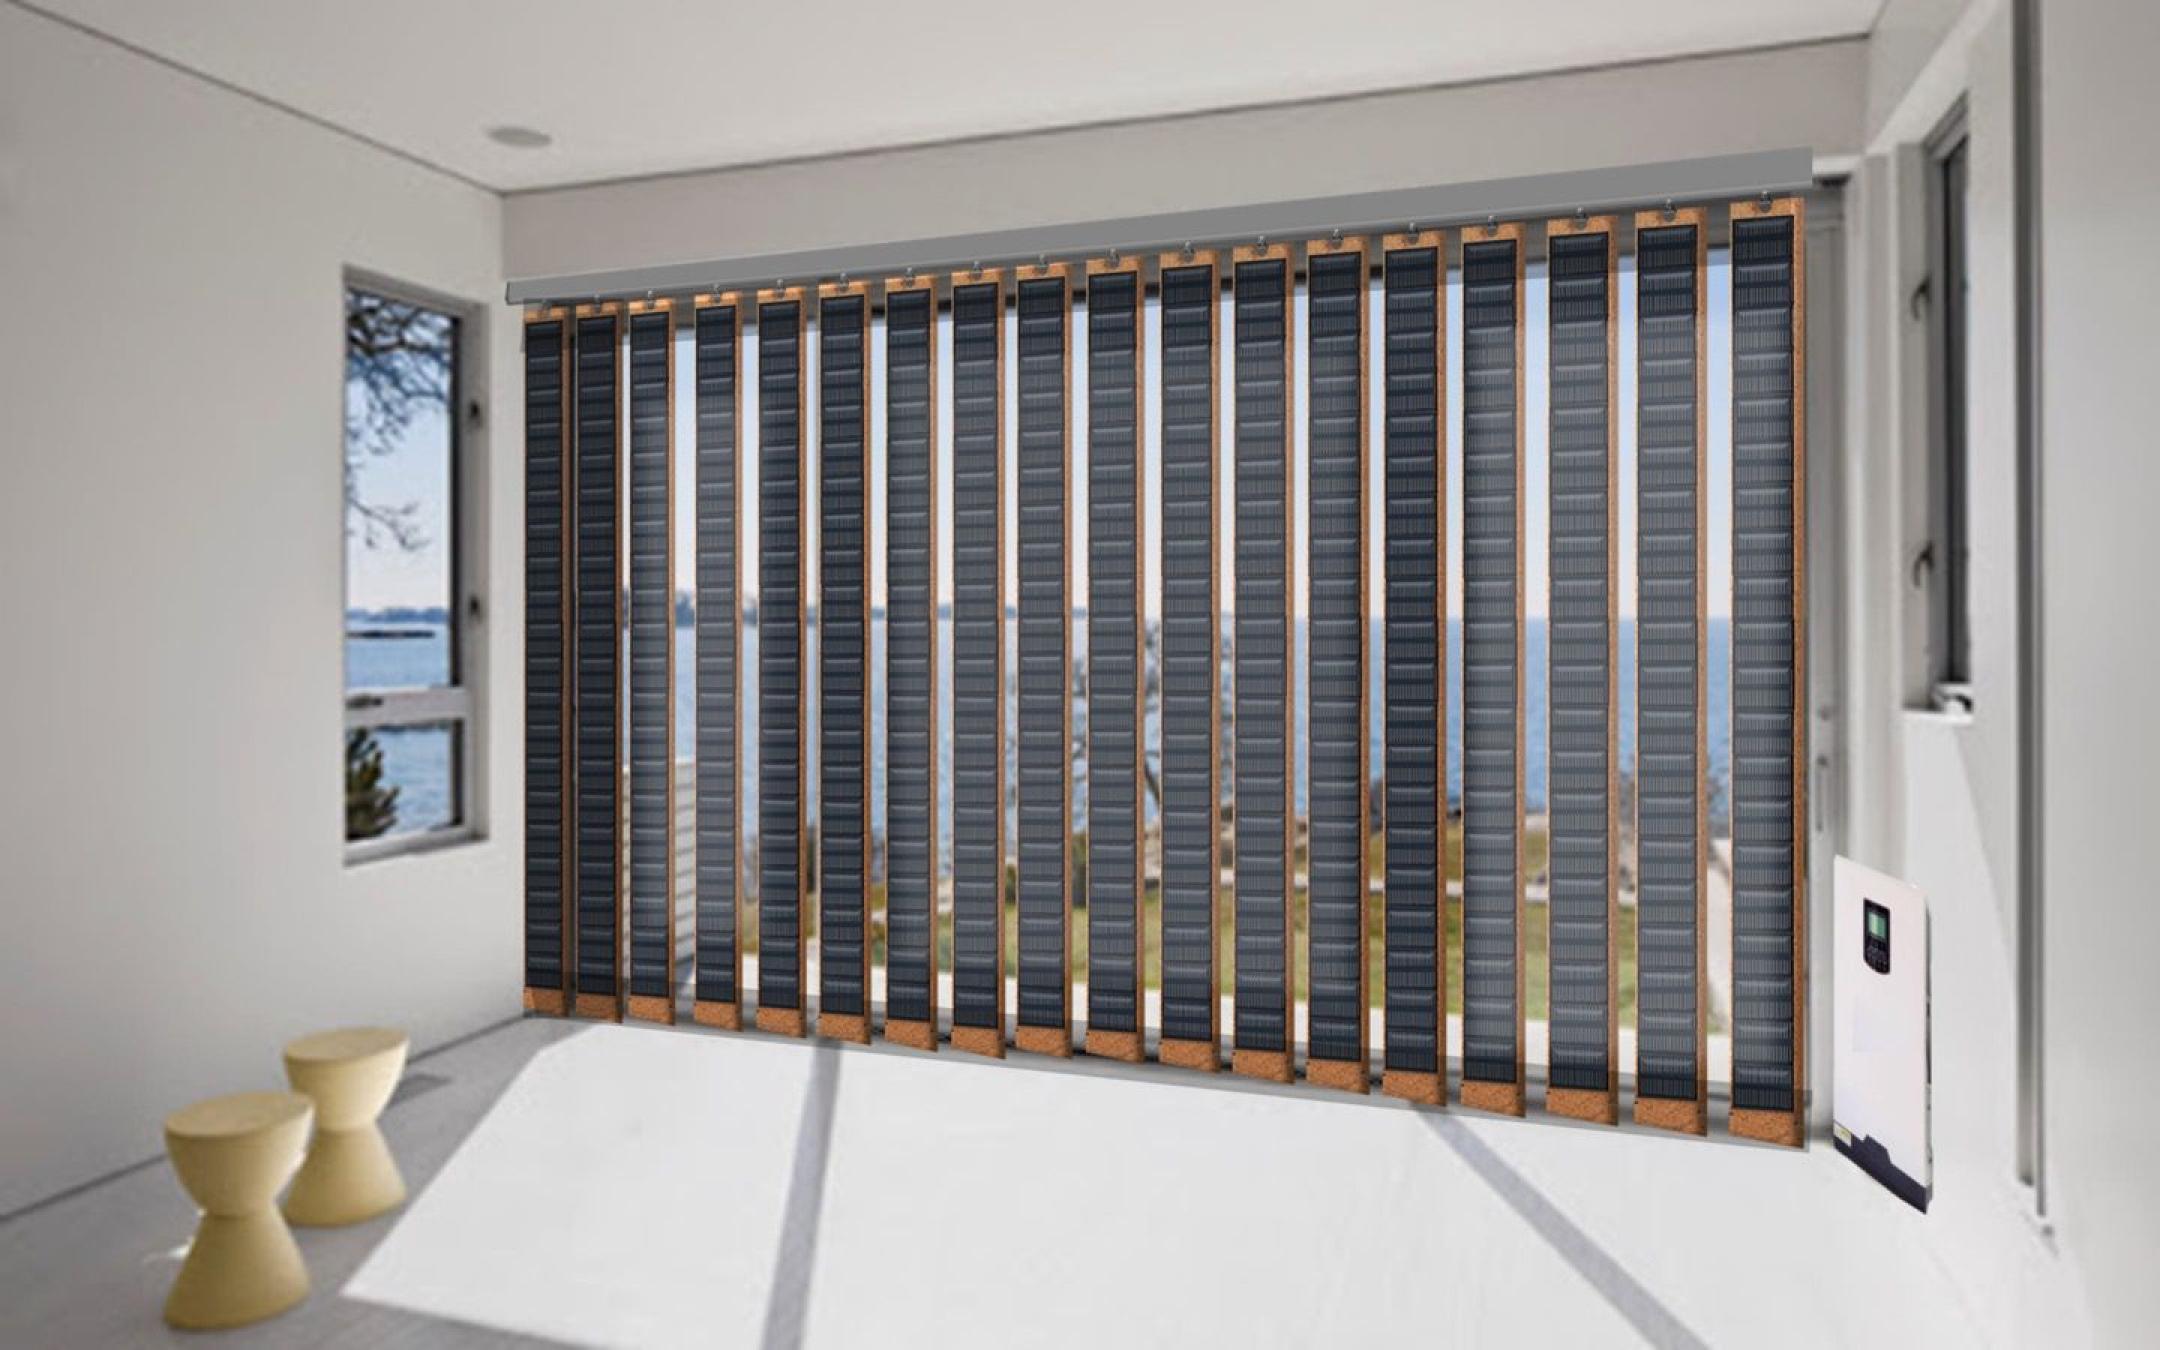 Fensterläden Sonnenenergie